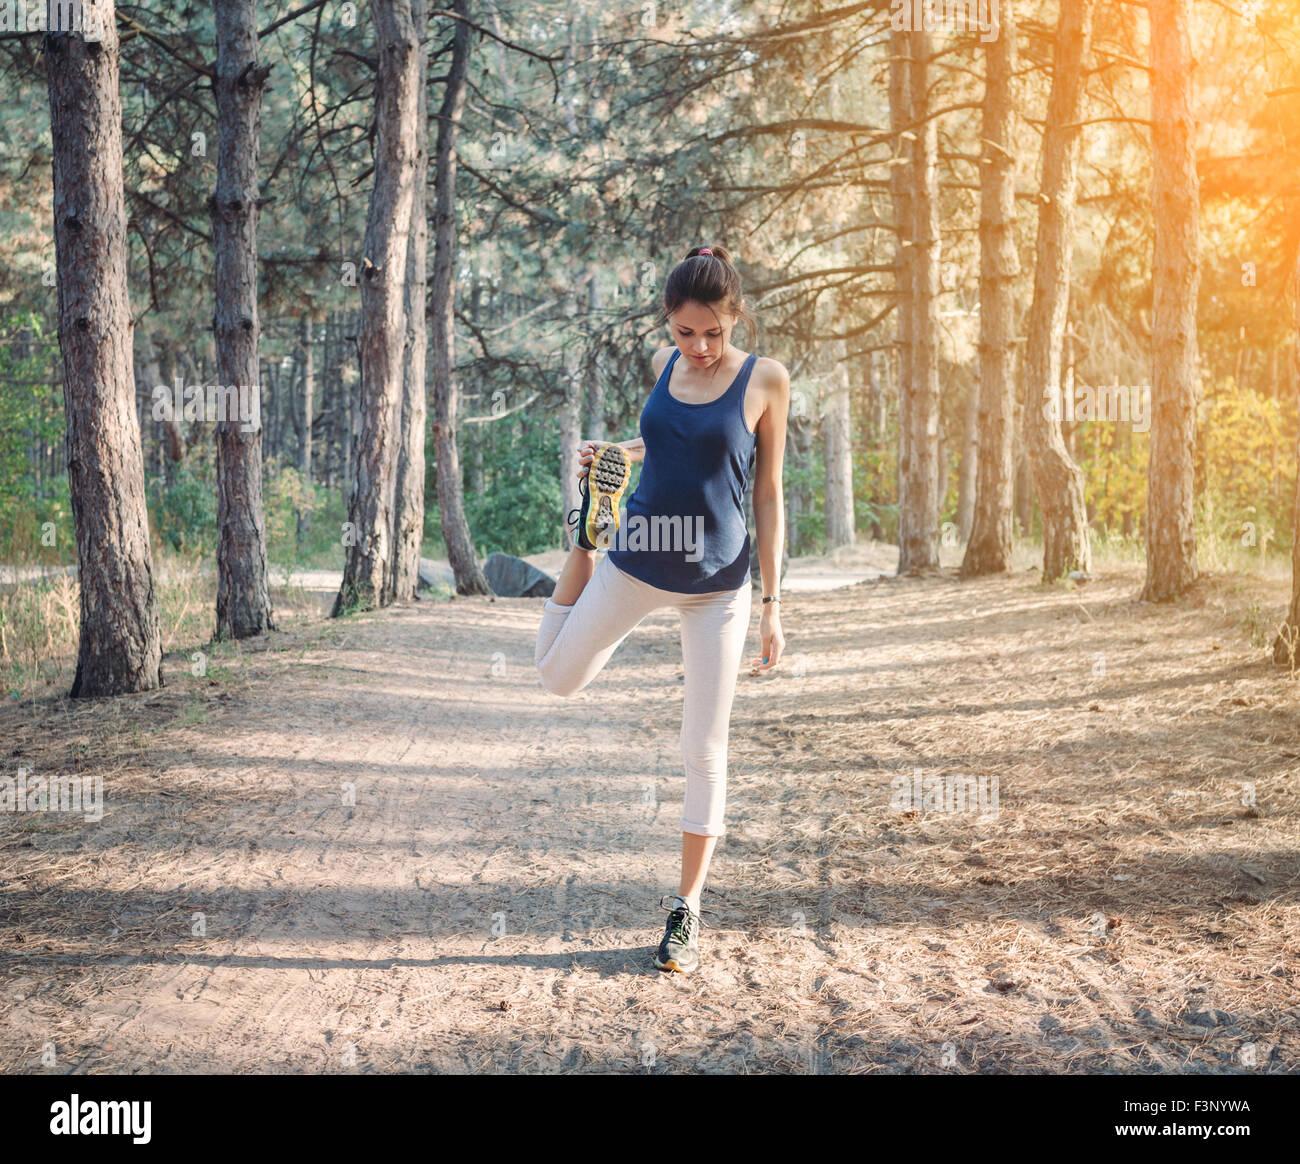 Hermosa joven deportes en el bosque de otoño al atardecer Imagen De Stock